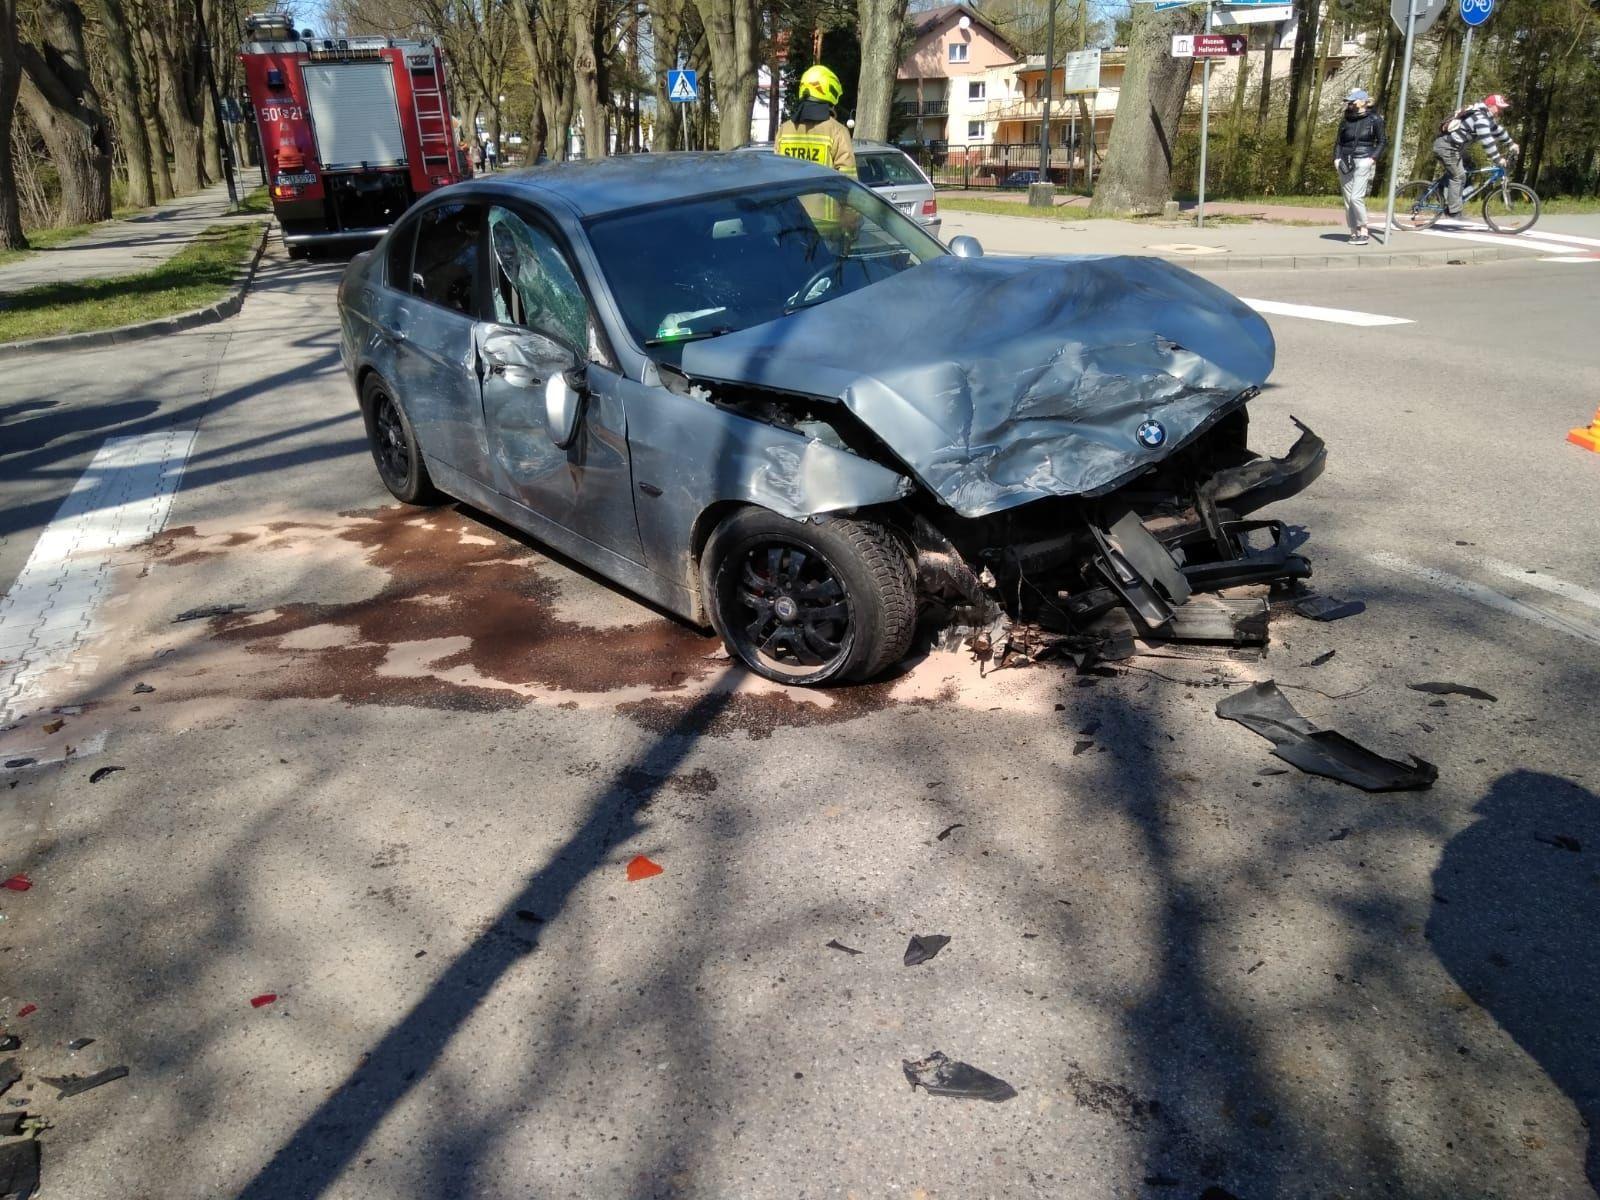 Wypadek we Władysławowie (7.05.2021) na skrzyżowaniu Wyzwolenia i  Żeromskiego. Jest poszkodowany